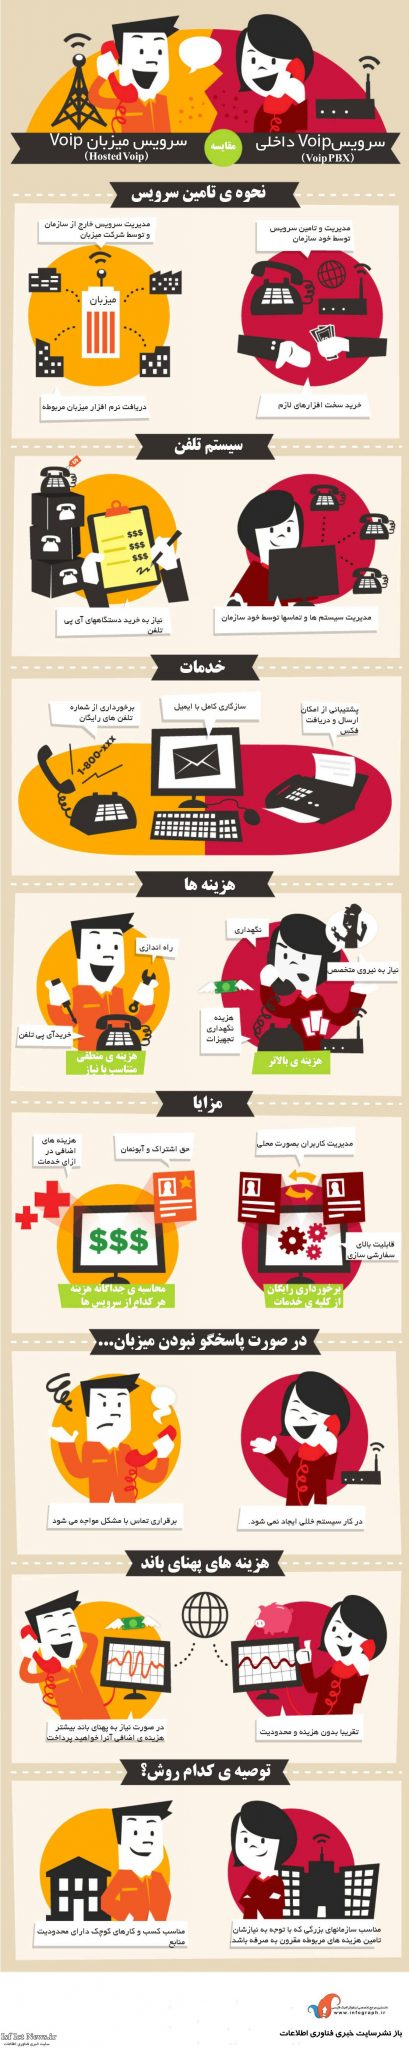 اینفوگرافیک : مقایسه ی سرویس Voip داخلی و Voip میزبان